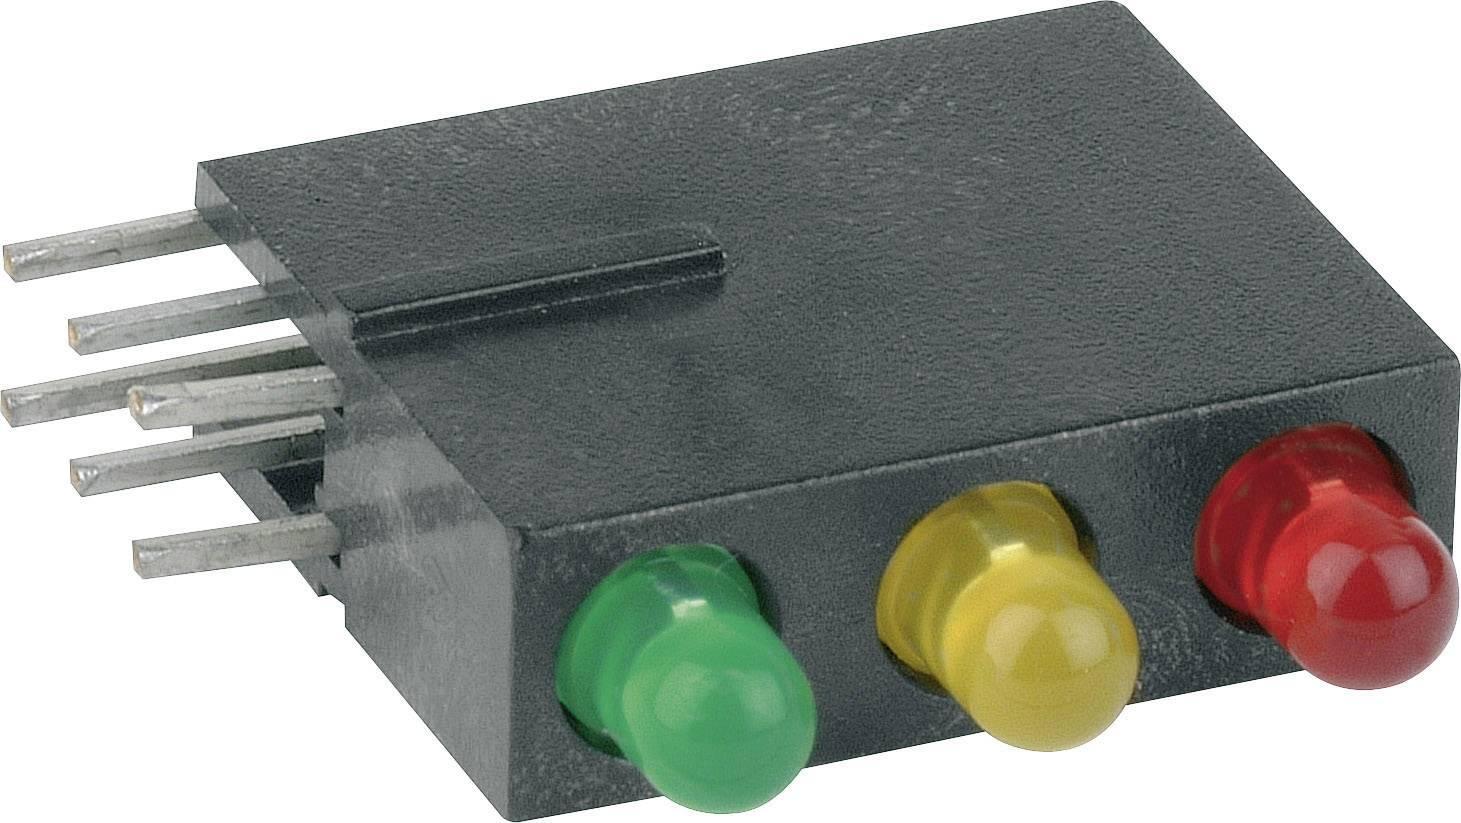 LED modul Mentor 1881.8720 (š x v x h) 5.08 x 15.24 x 12.5 mm, červená, žlutá, zelená